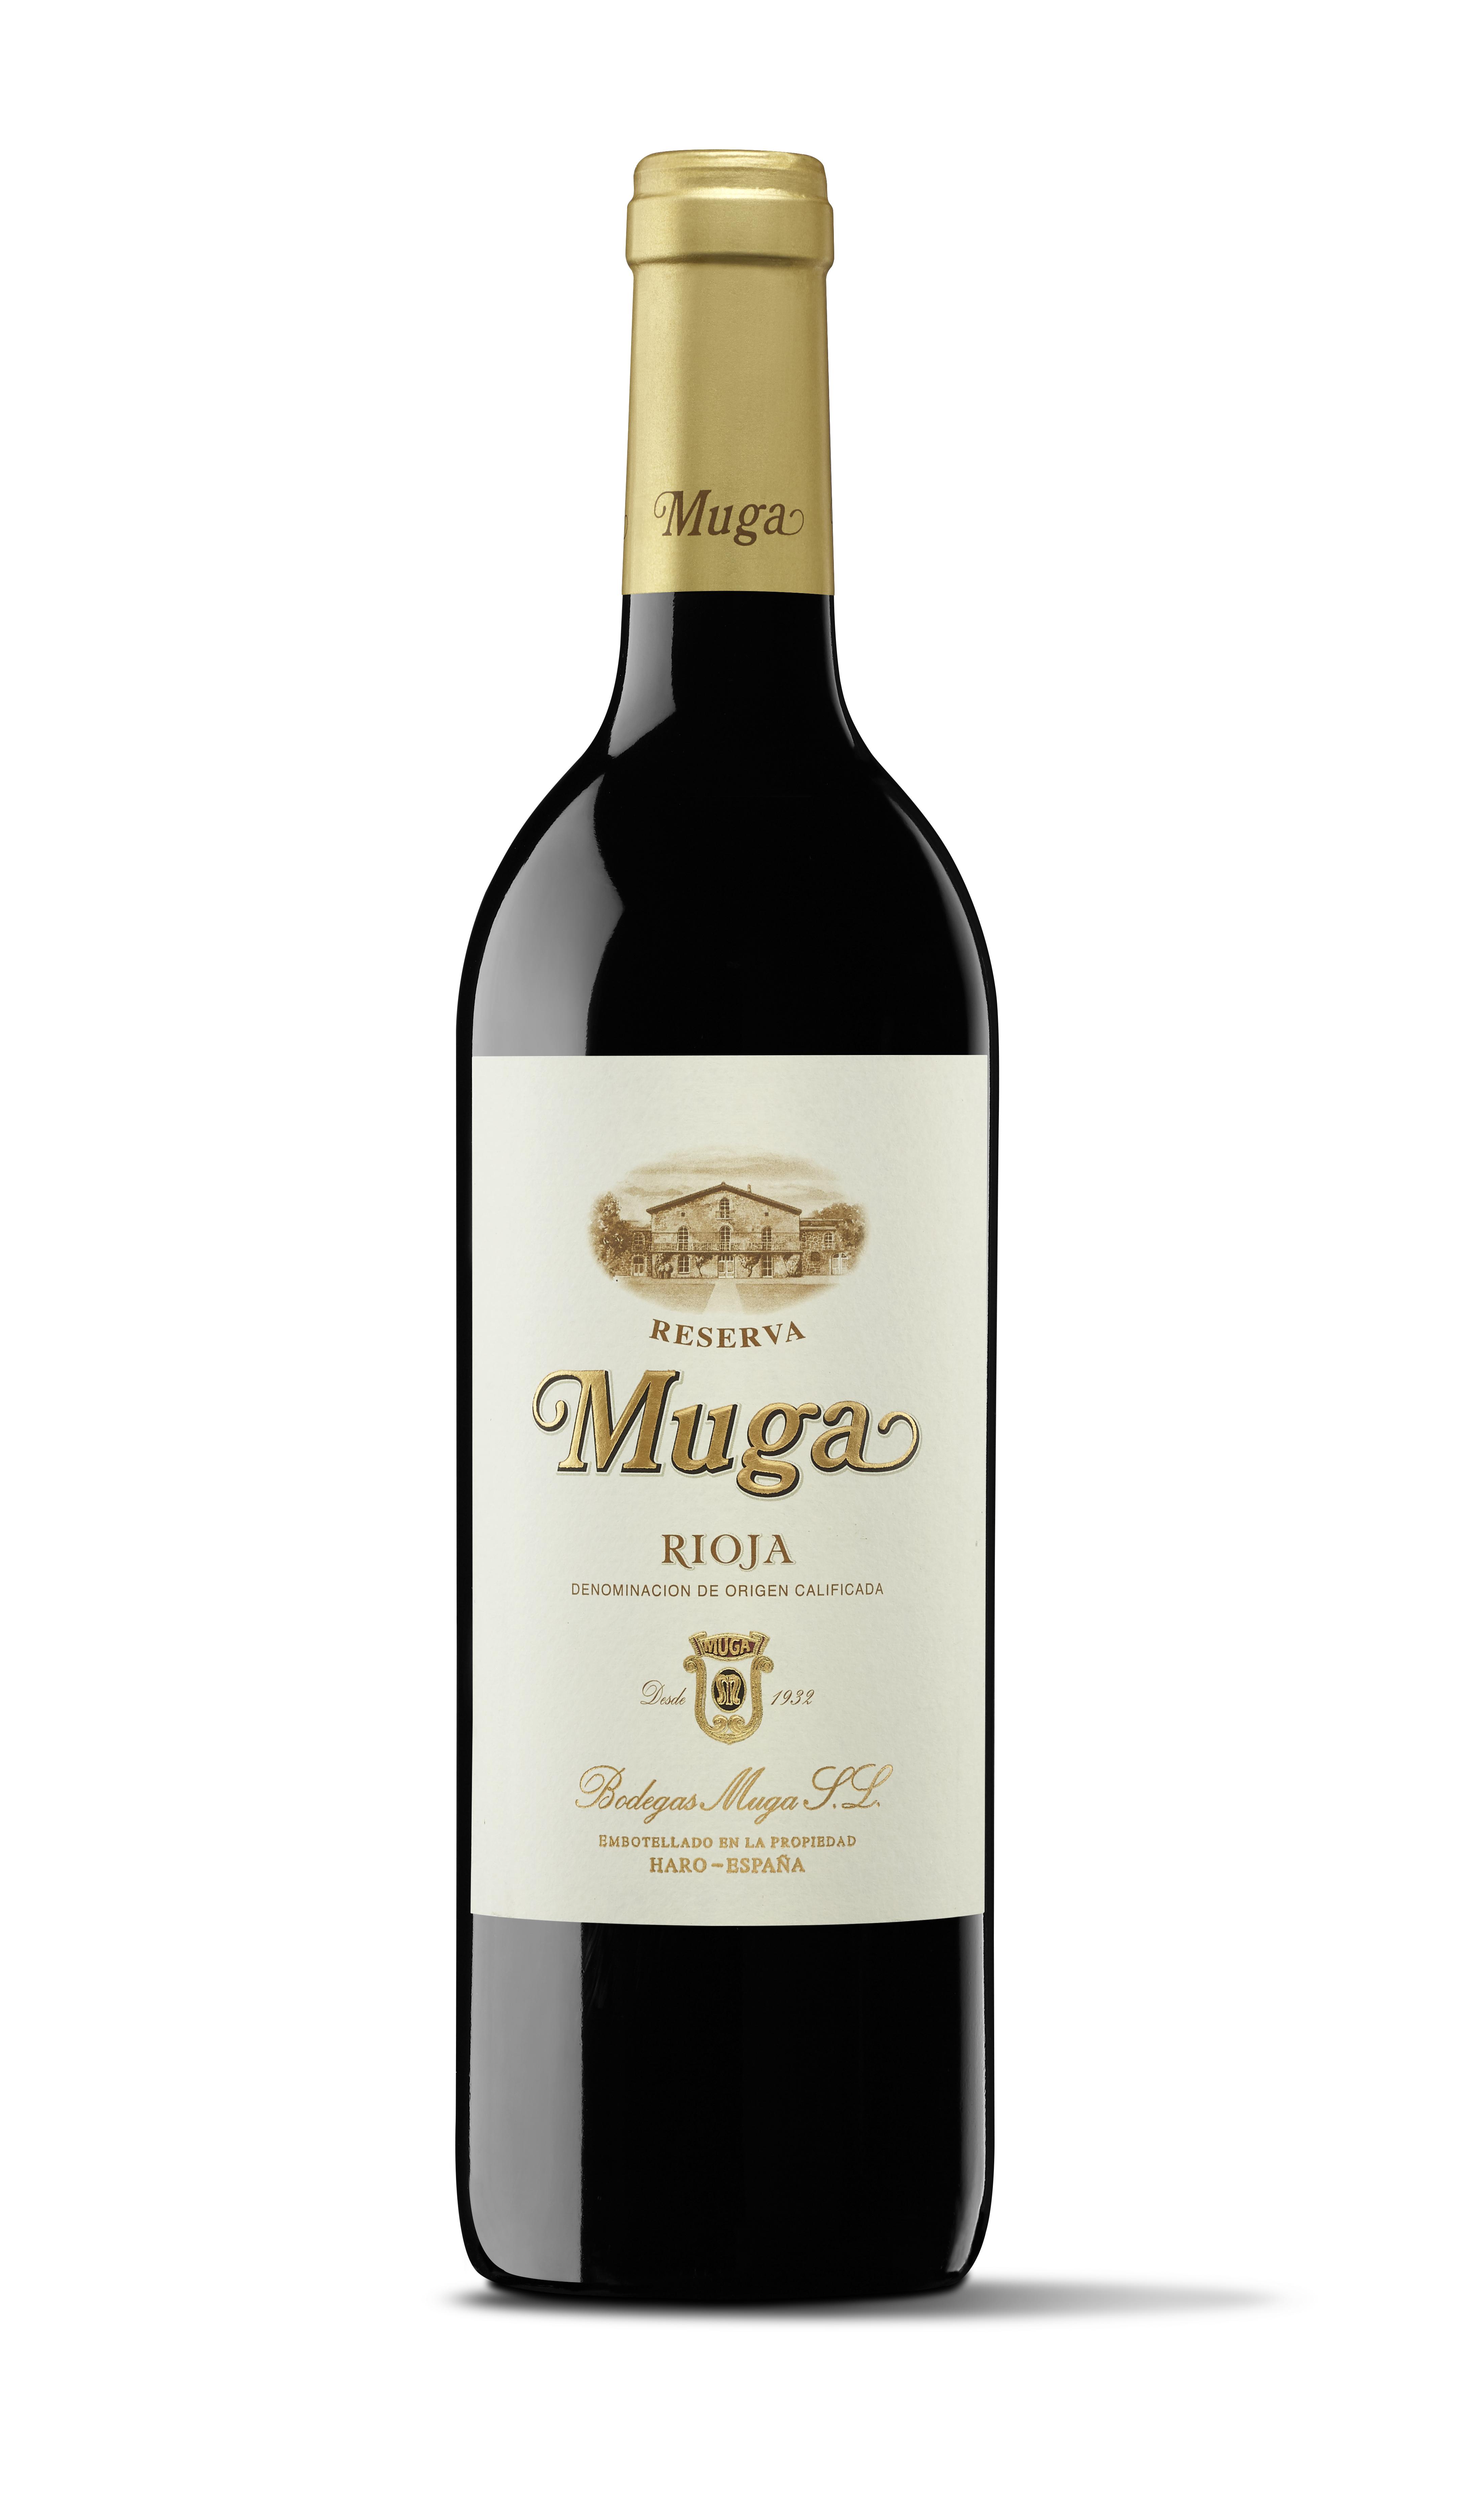 muga reserva 2014 muga winery